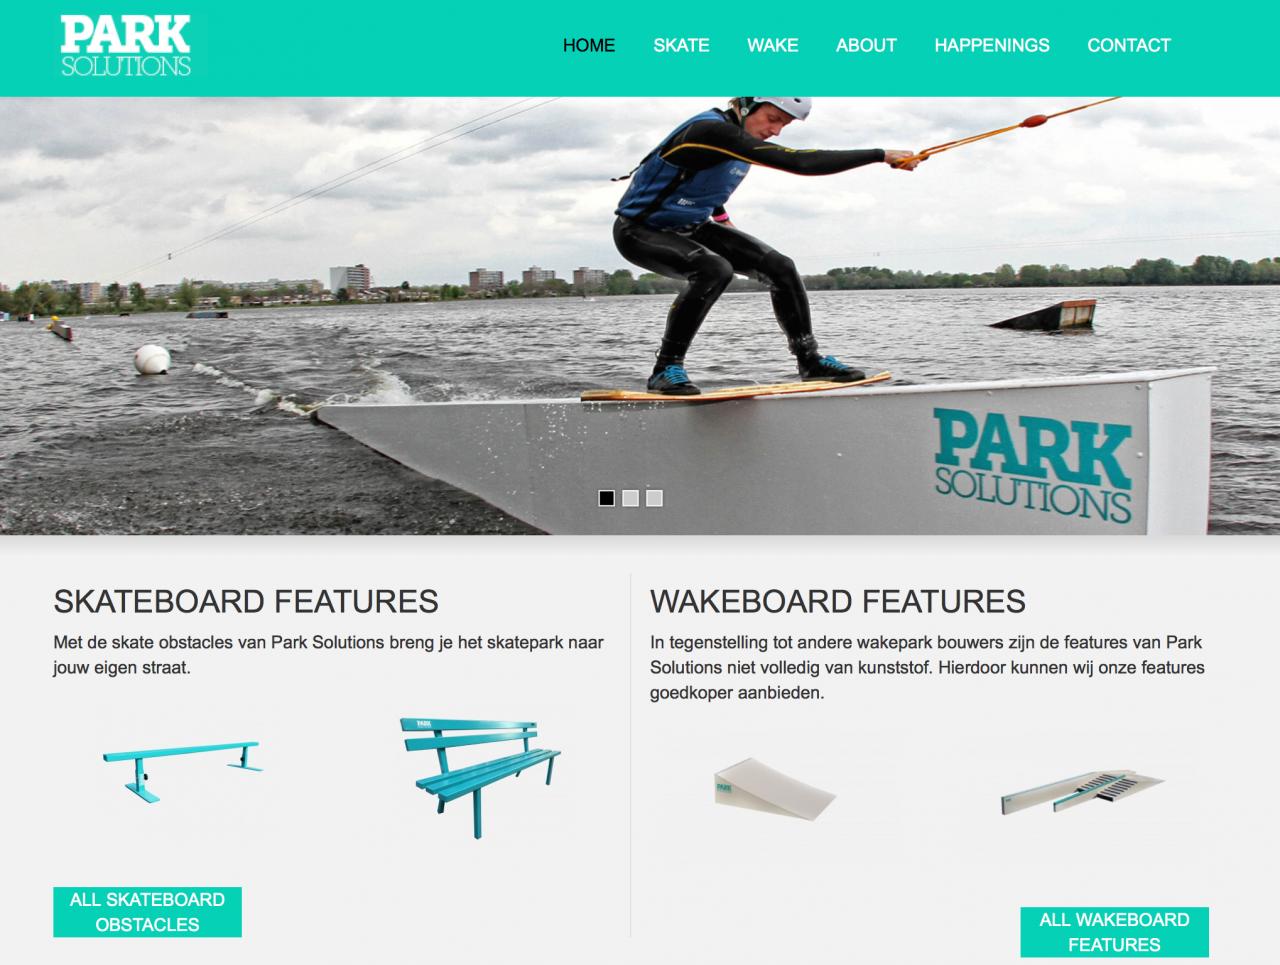 park-solutions.com